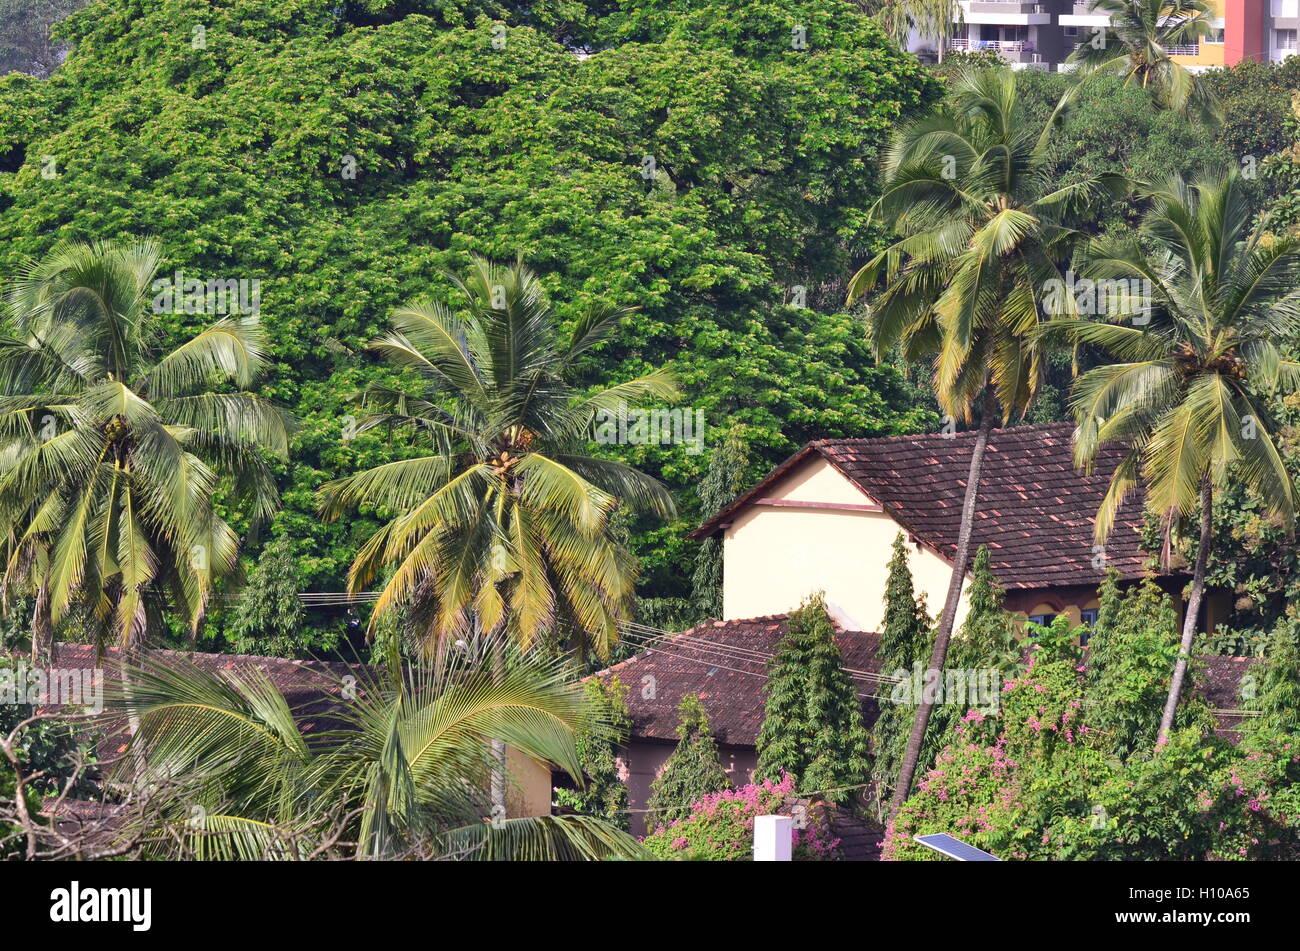 Piastrella tradizionale tetto casa circondata dal verde degli alberi